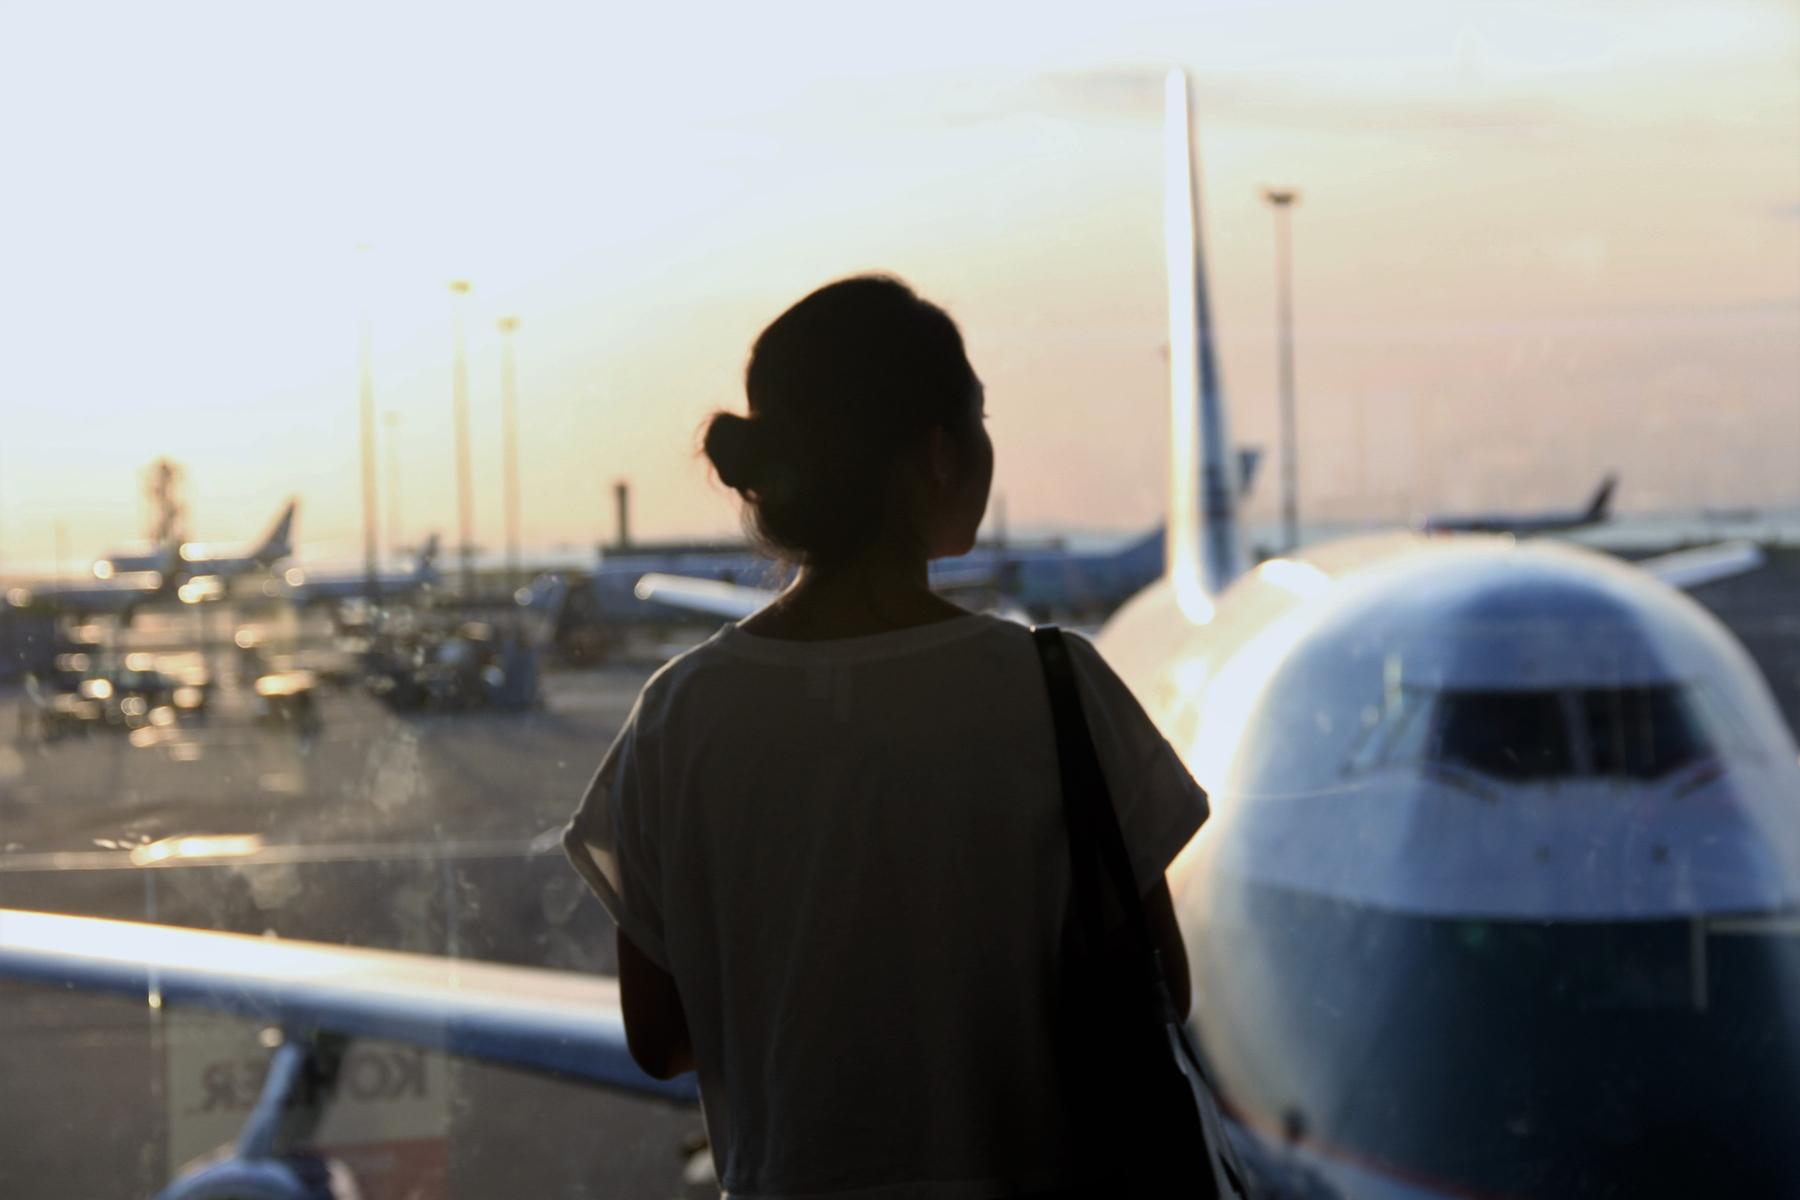 Flugangebote: Flüge mit Zwischenstopp können u.U. günstiger sein